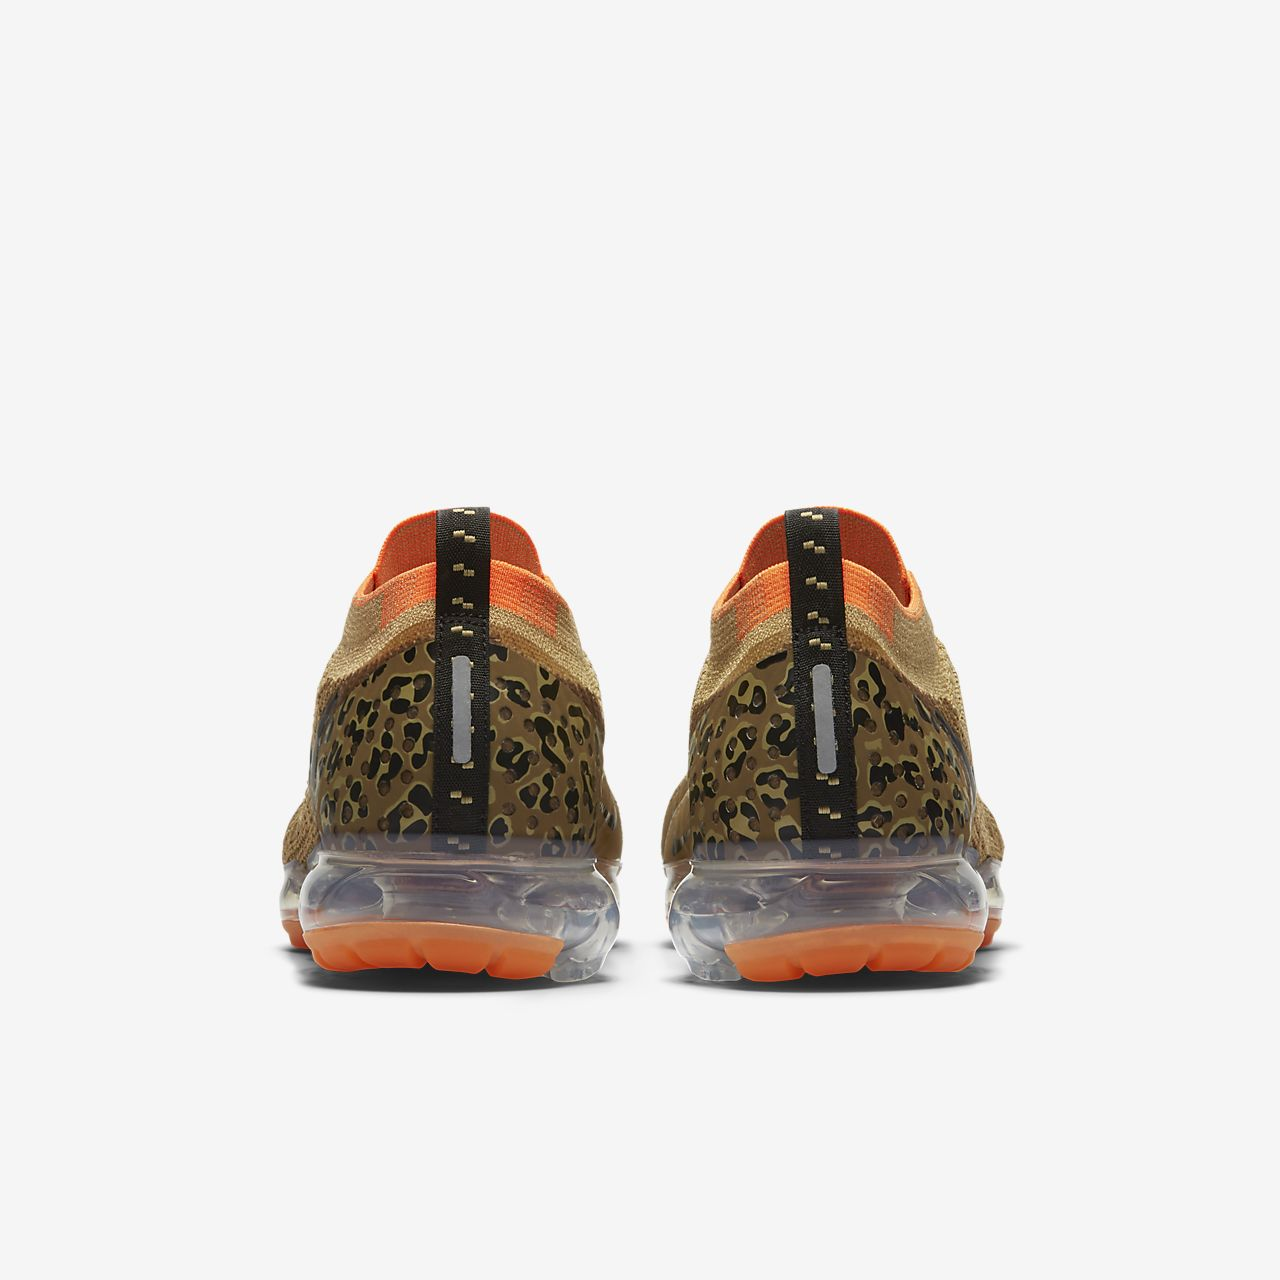 7ee6974755b8f Nike Air VaporMax Flyknit 2 Cheetah Men s Shoe. Nike.com HU